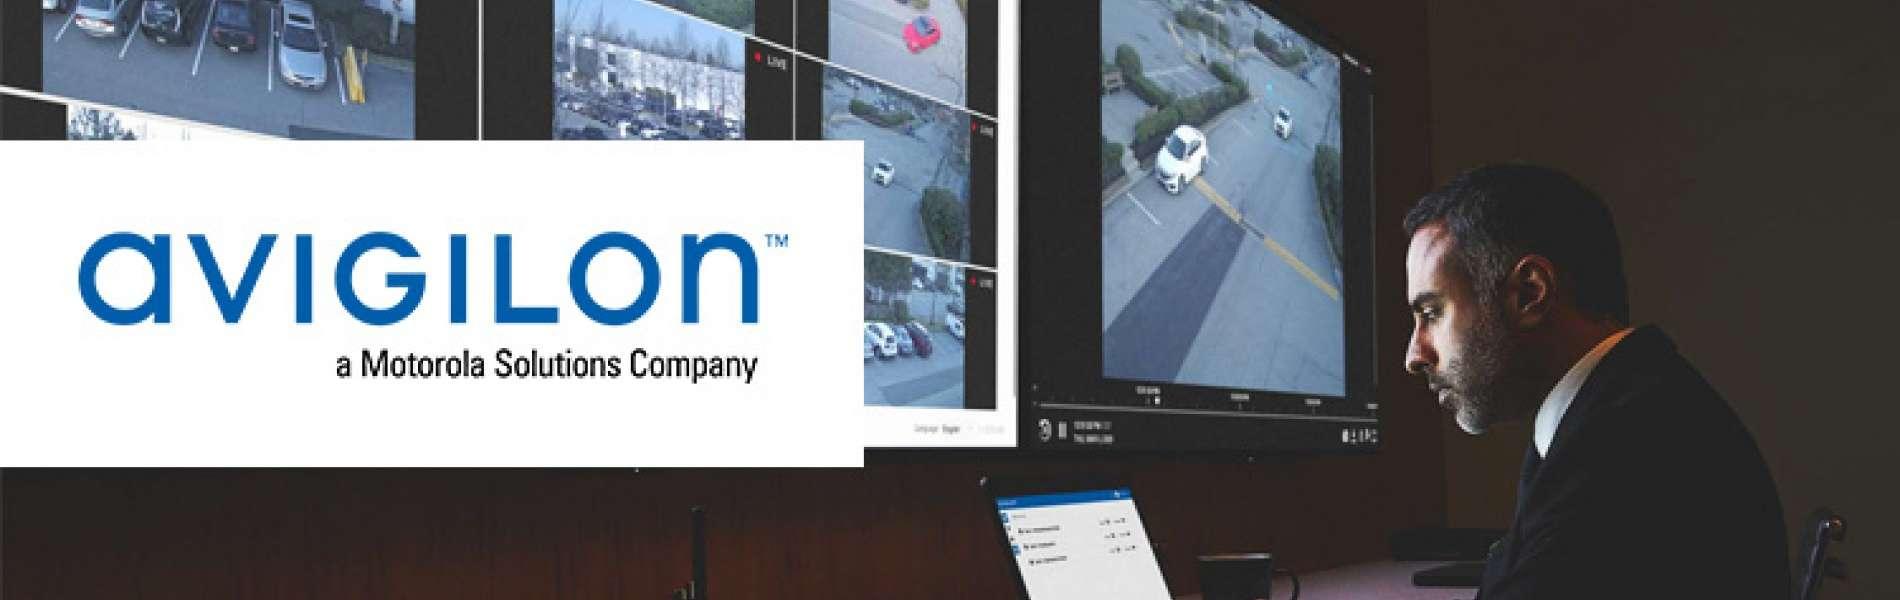 Plateforme Avigilon Cloud services